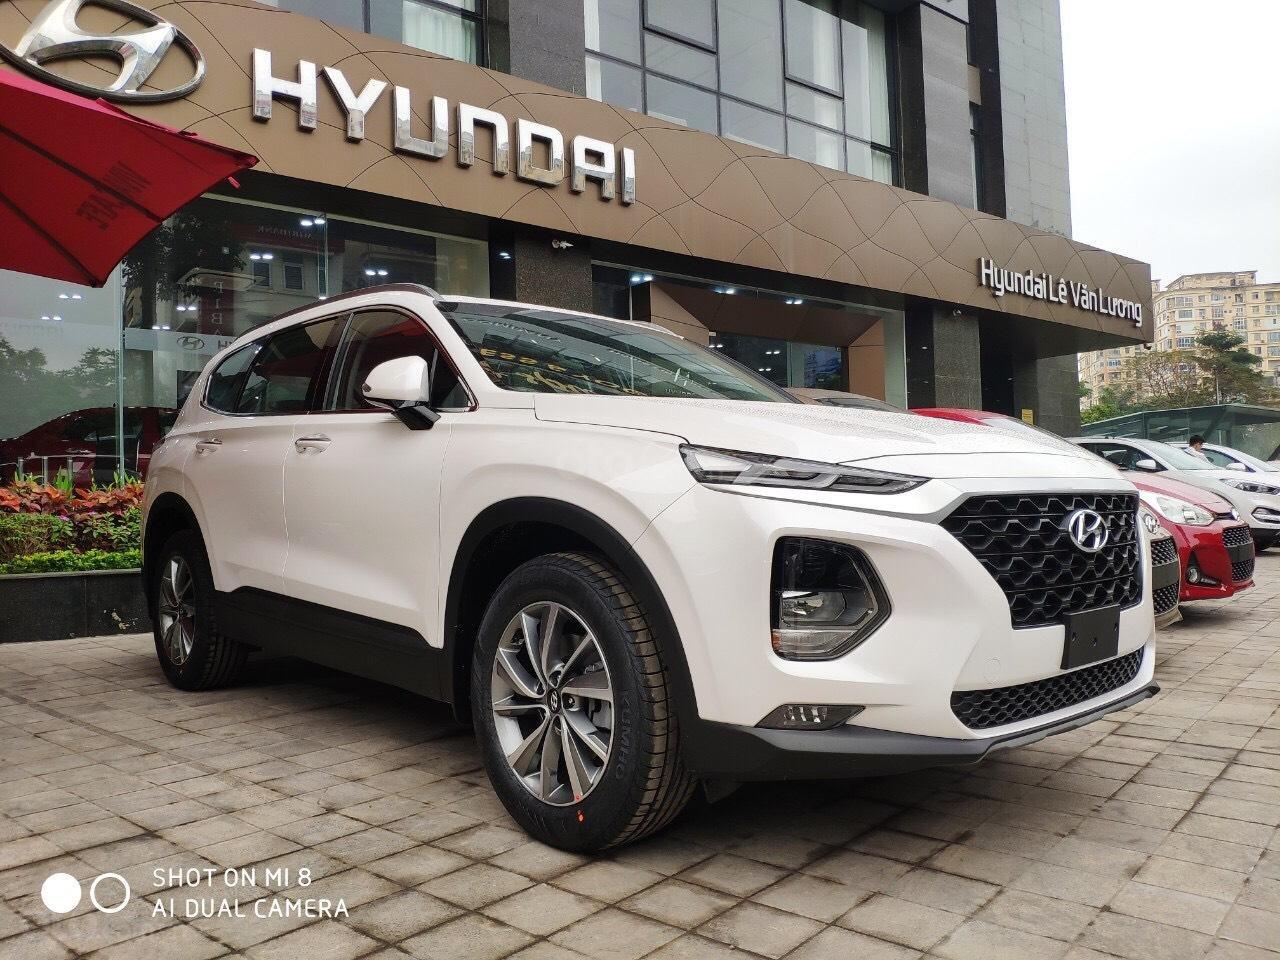 Hyundai Santa Fe Model 2019 đầy đủ màu và các phiên bản giao ngay + KM lớn 30 triệu - Ms Lan 0919929923 (1)